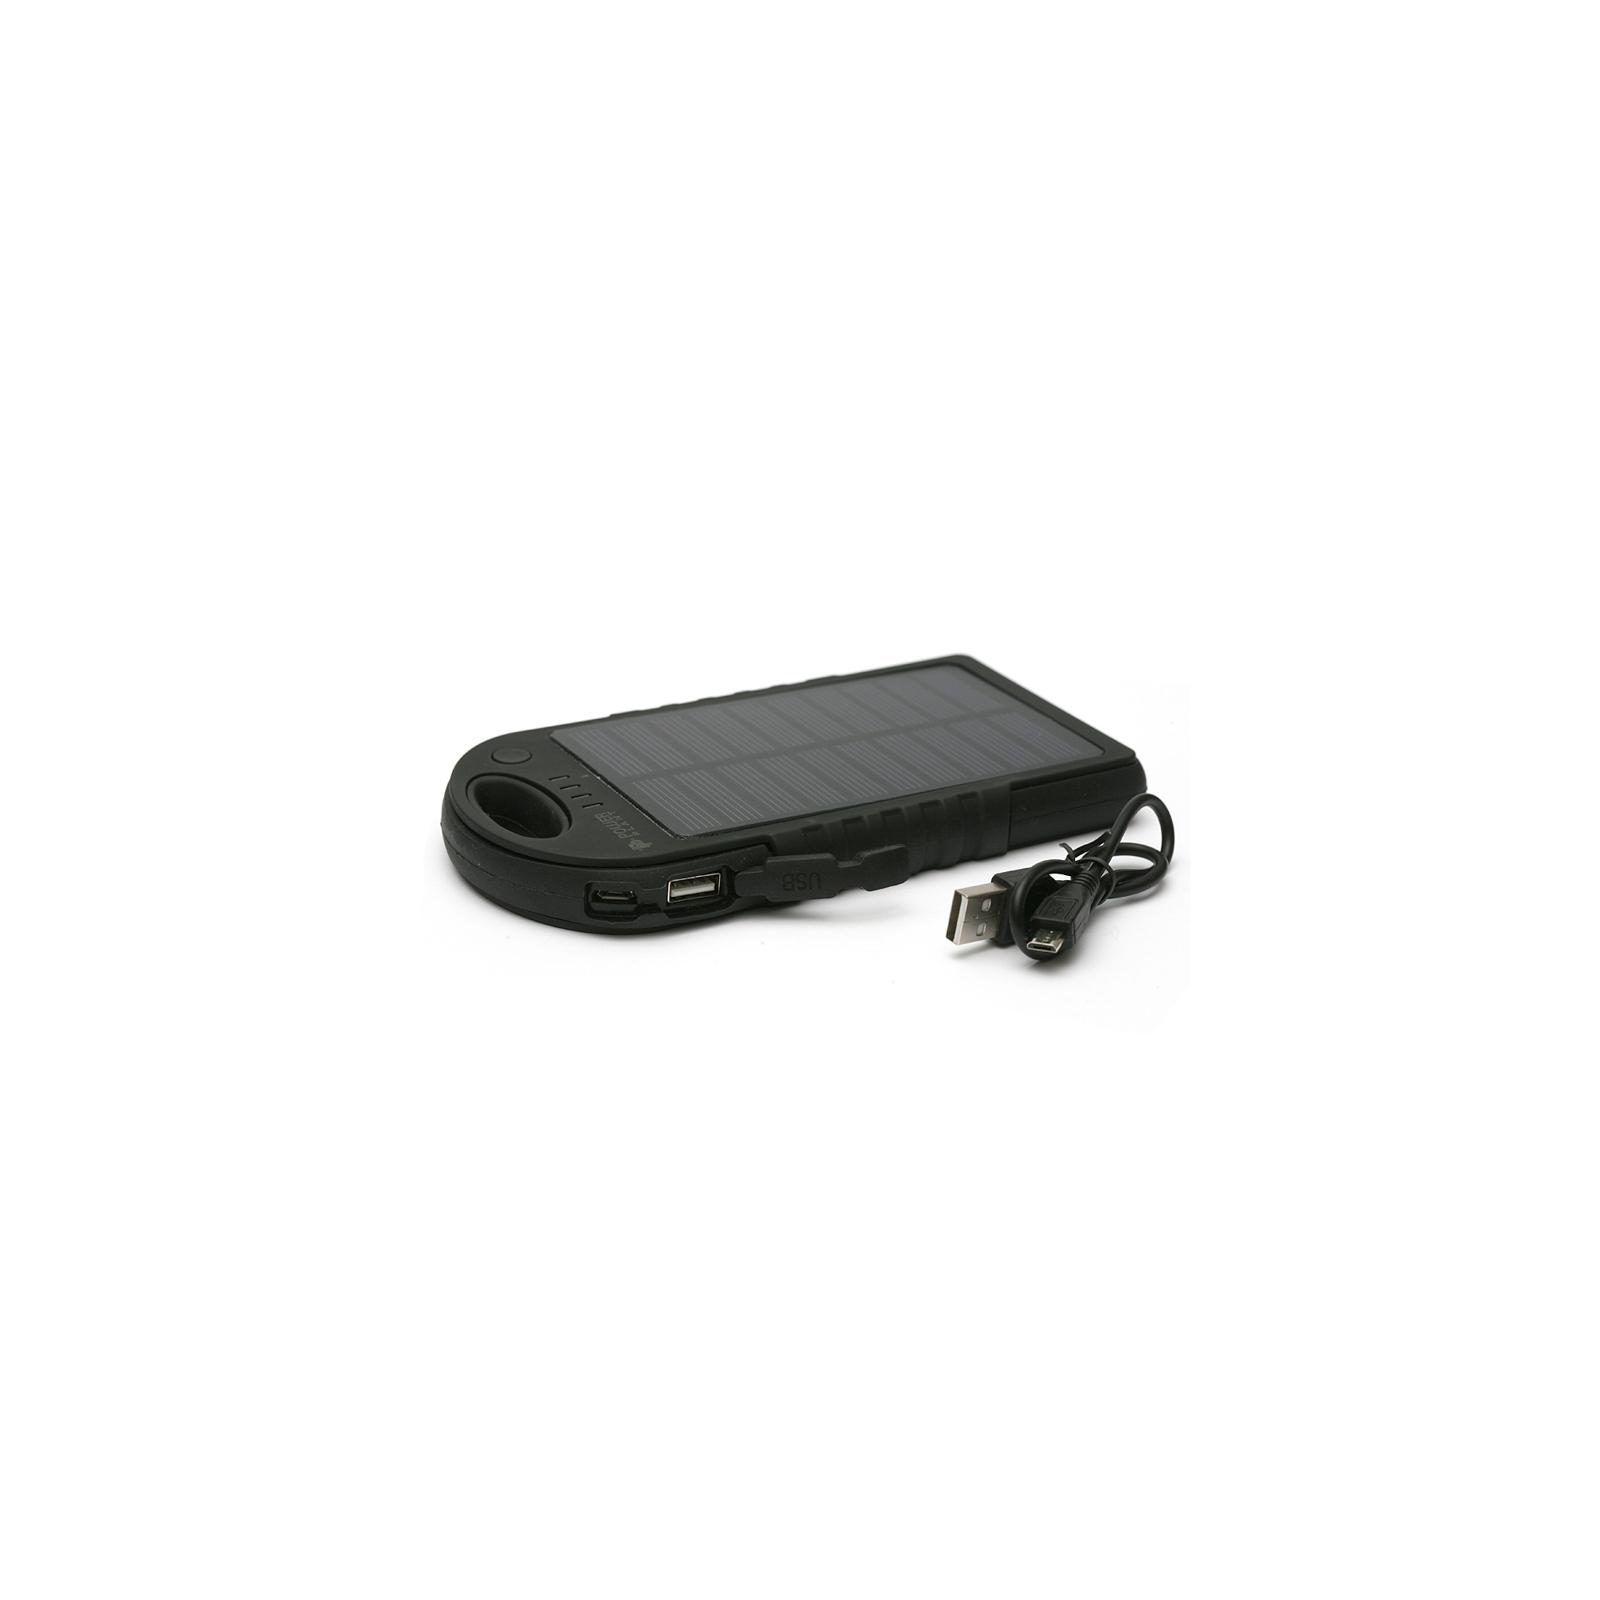 Батарея универсальная PowerPlant PB-LA9267 12000mAh 1*USB/1A 1*USB/2A (PPLA9267) изображение 3